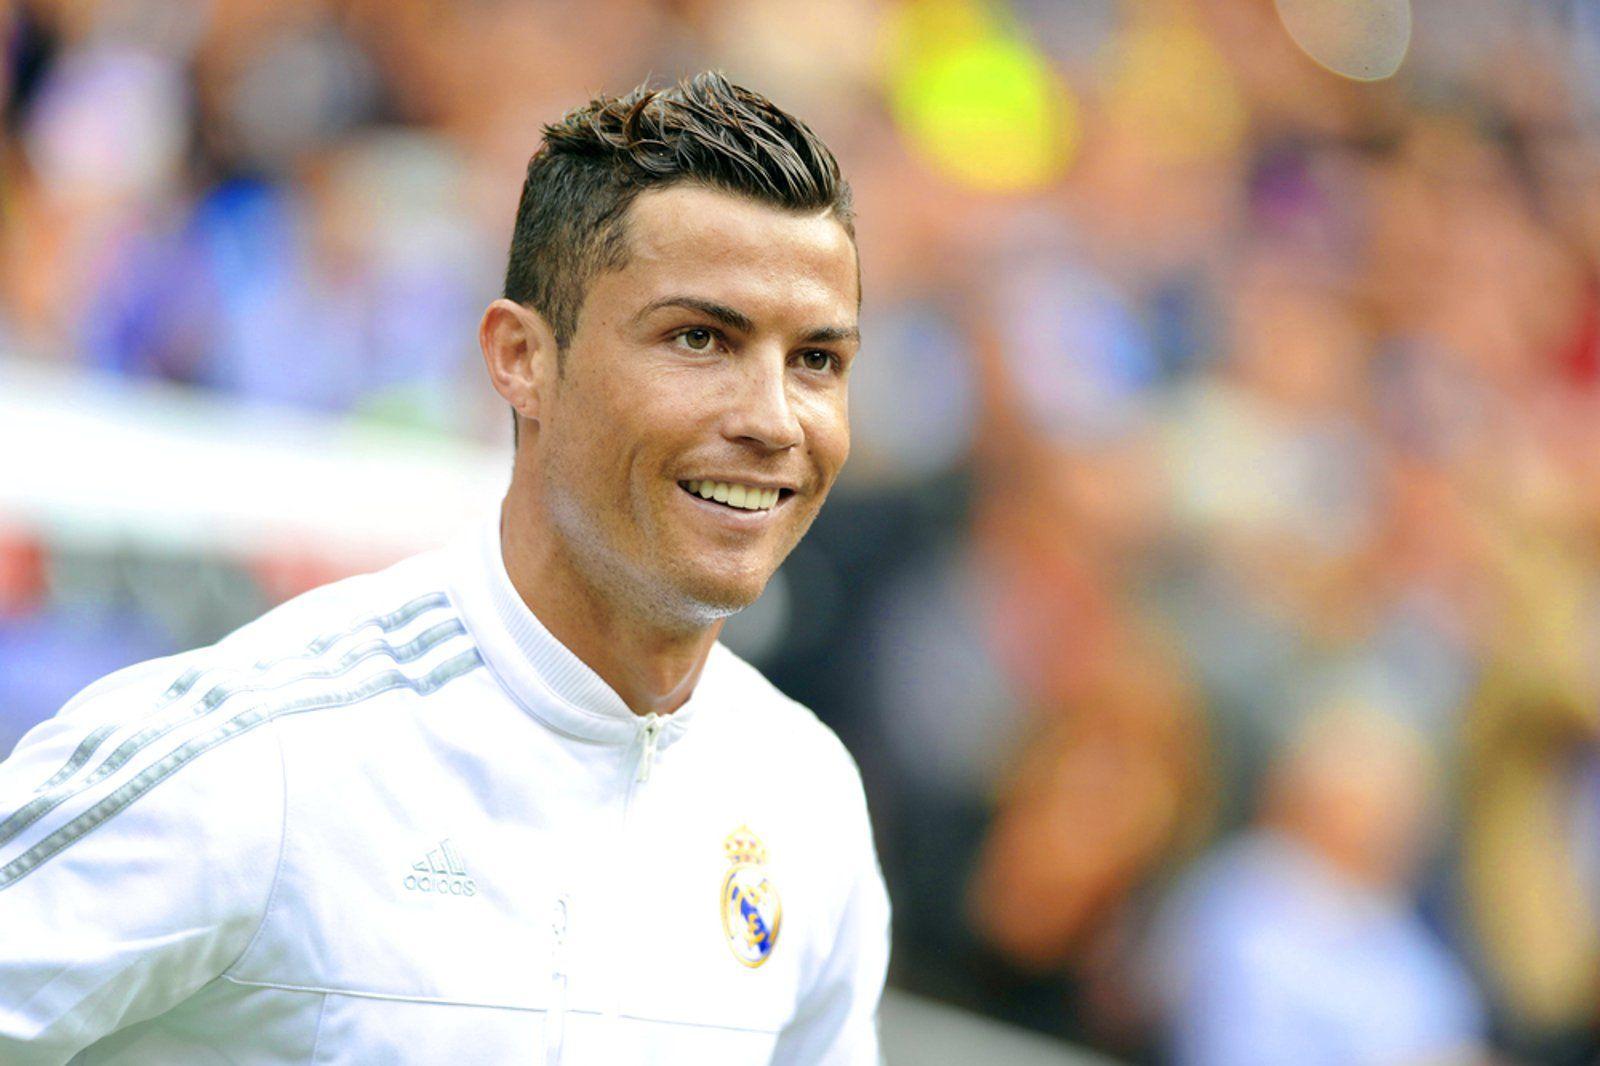 Ronaldo Smiling Photos CR 7